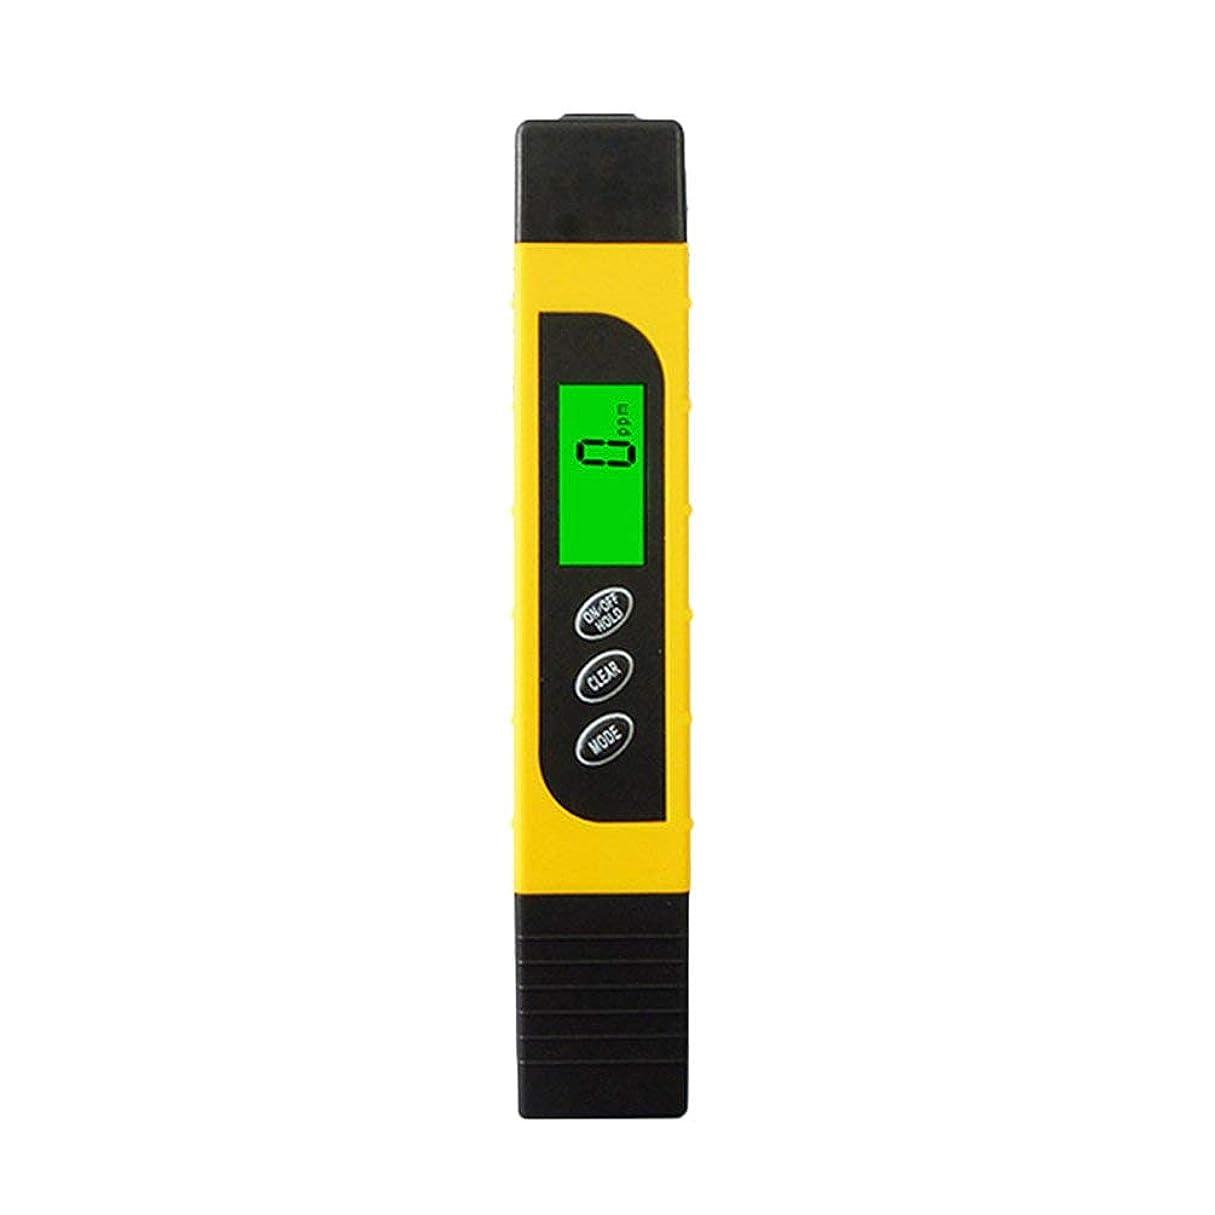 区別オーバーヘッド遺伝子多機能TDSメーターテスターポータブルデジタルペン0.01高精度フィルター測定水質純度テストツール - 黄色